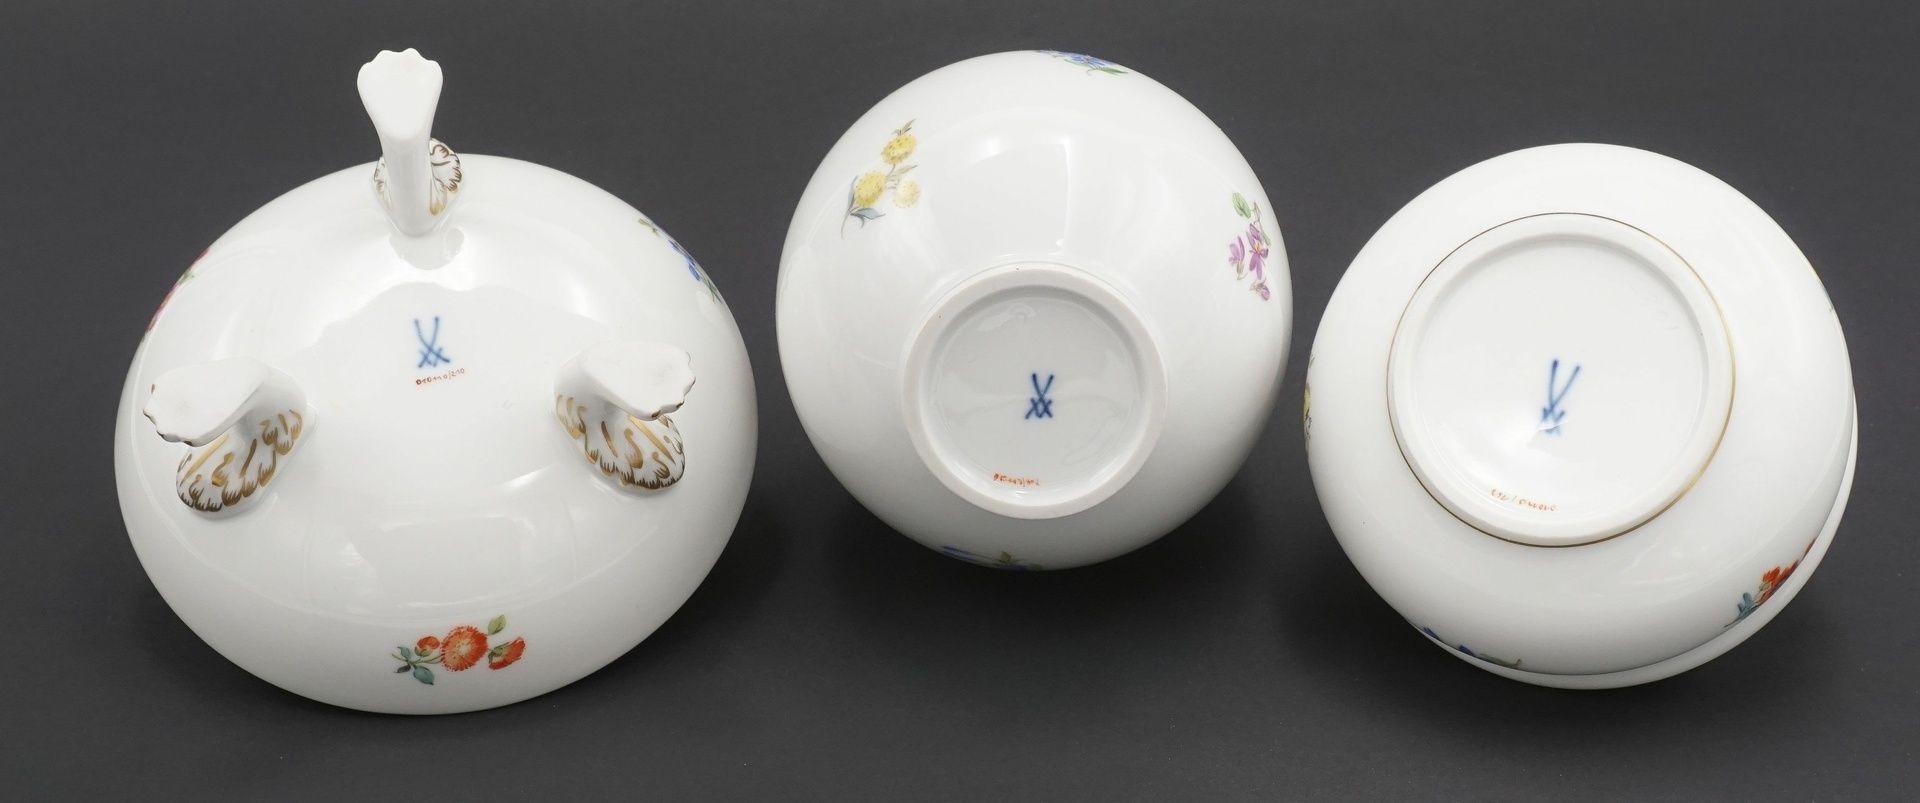 Meissen Fußschale, Vase und Deckeldose mit Streublümchen - Bild 5 aus 5